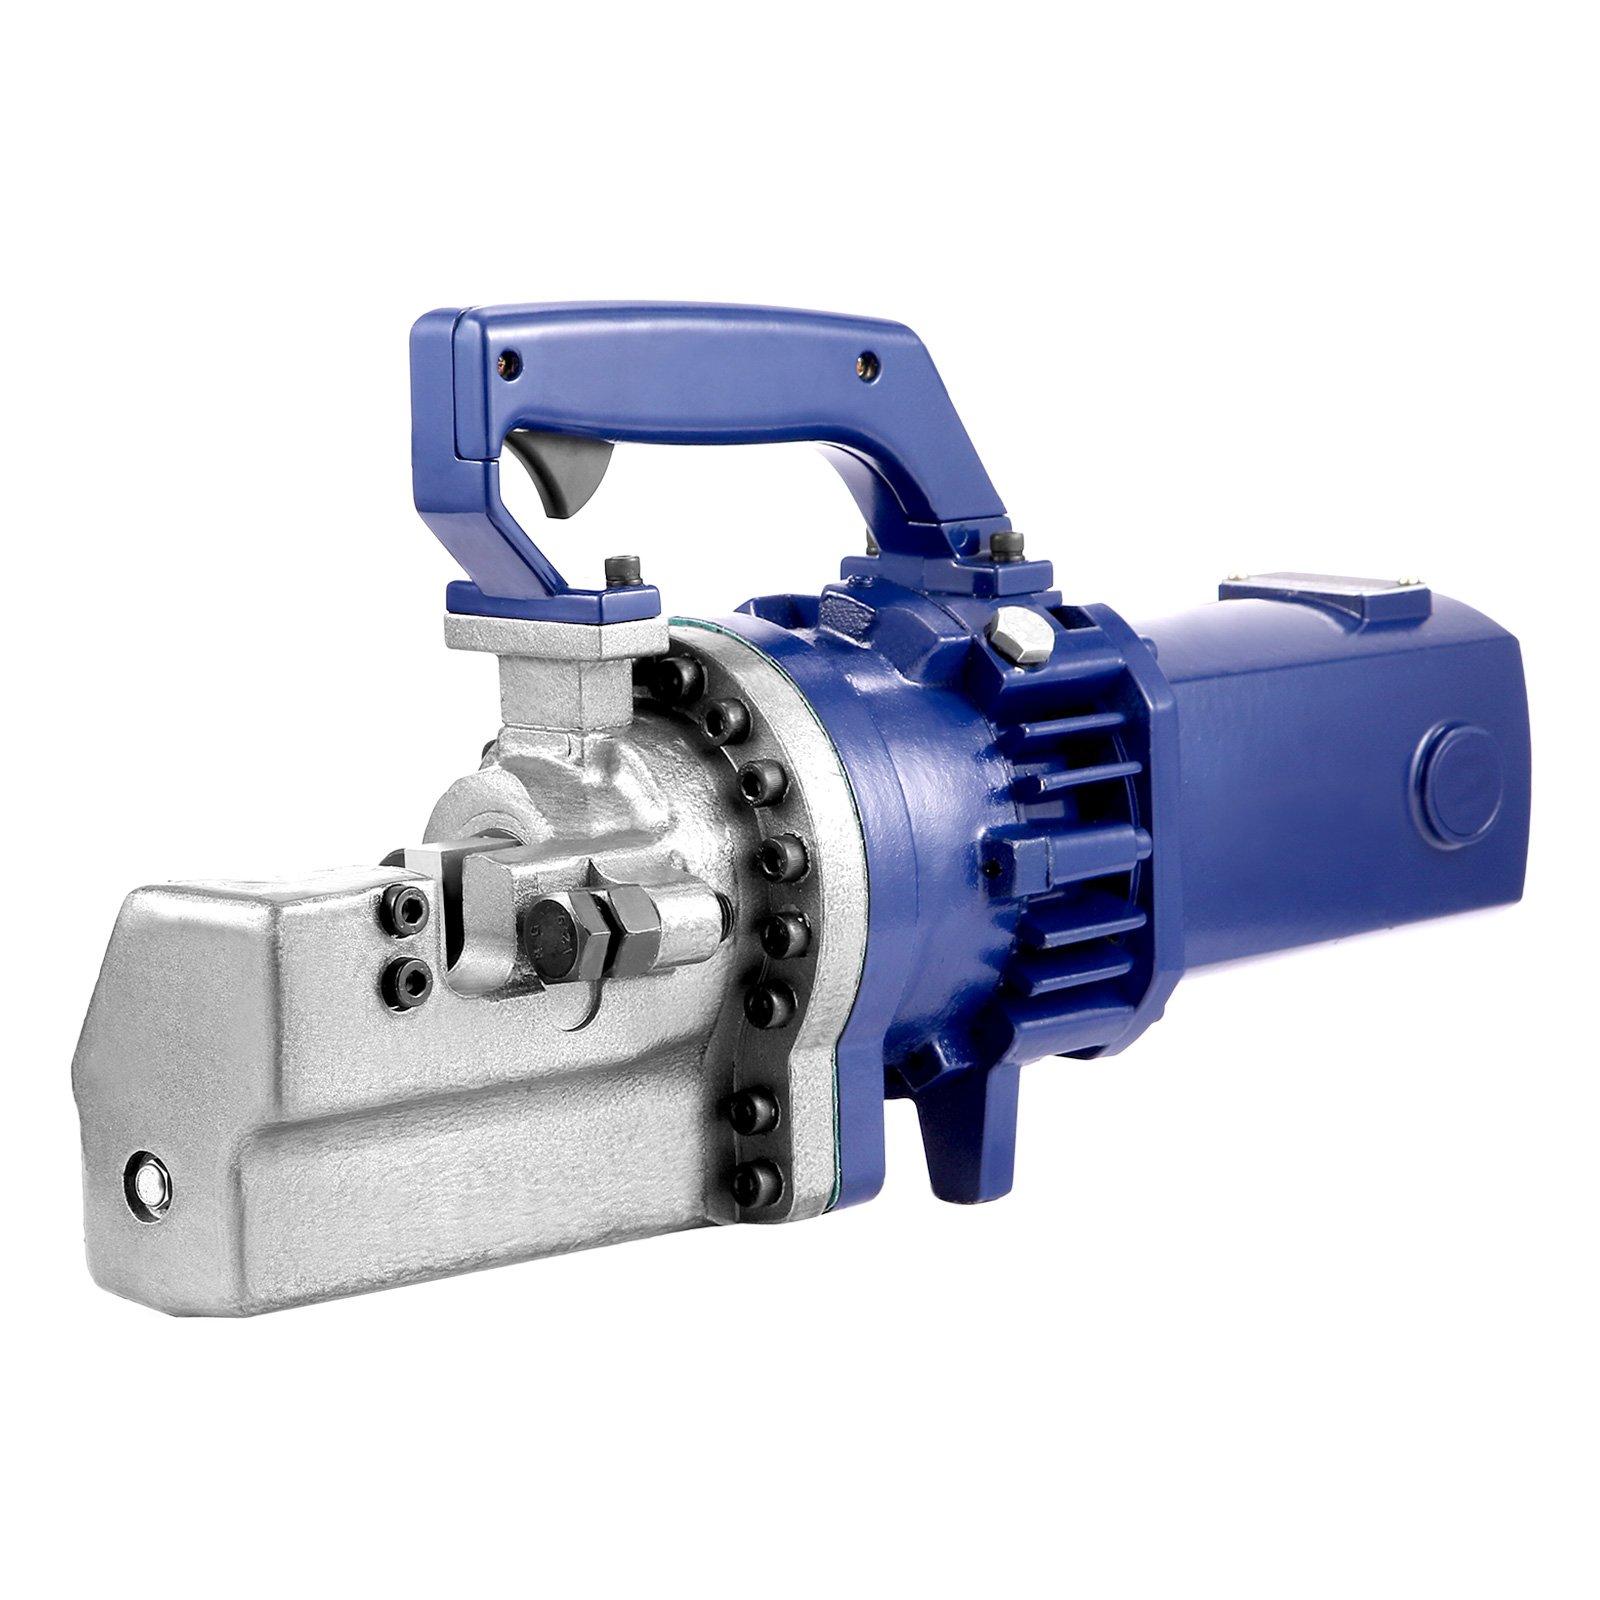 BestEquip Electric Rebar Cutter 1'' #8 1700W Hydraulic Rebar Cutter 5-5.5 Seconds Cutting Speed Portable Rebar Cutter (1 inch)